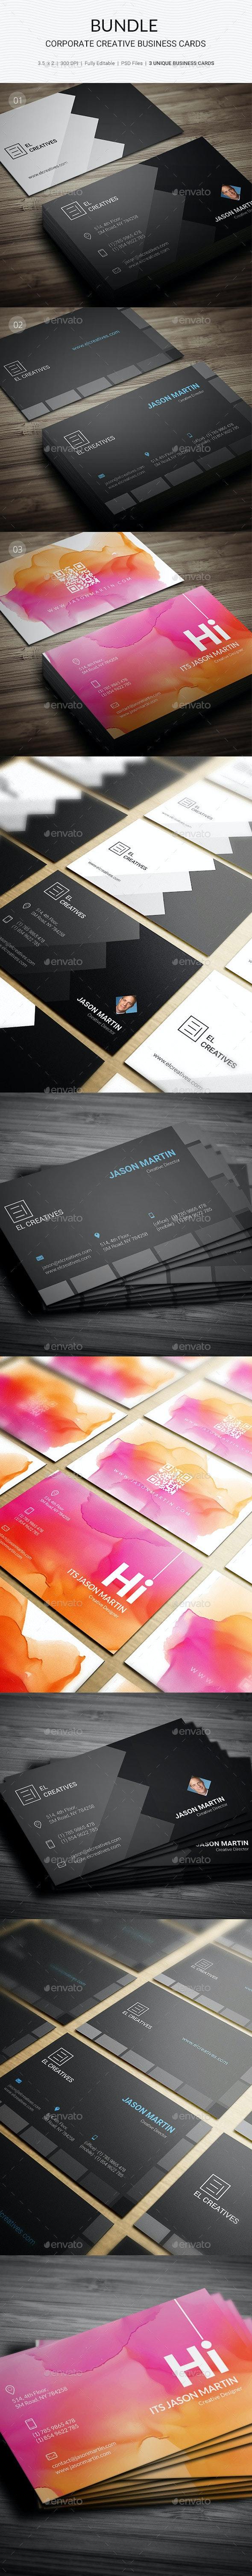 Bundle - Creative Corporate Business Cards - 168 - Creative Business Cards